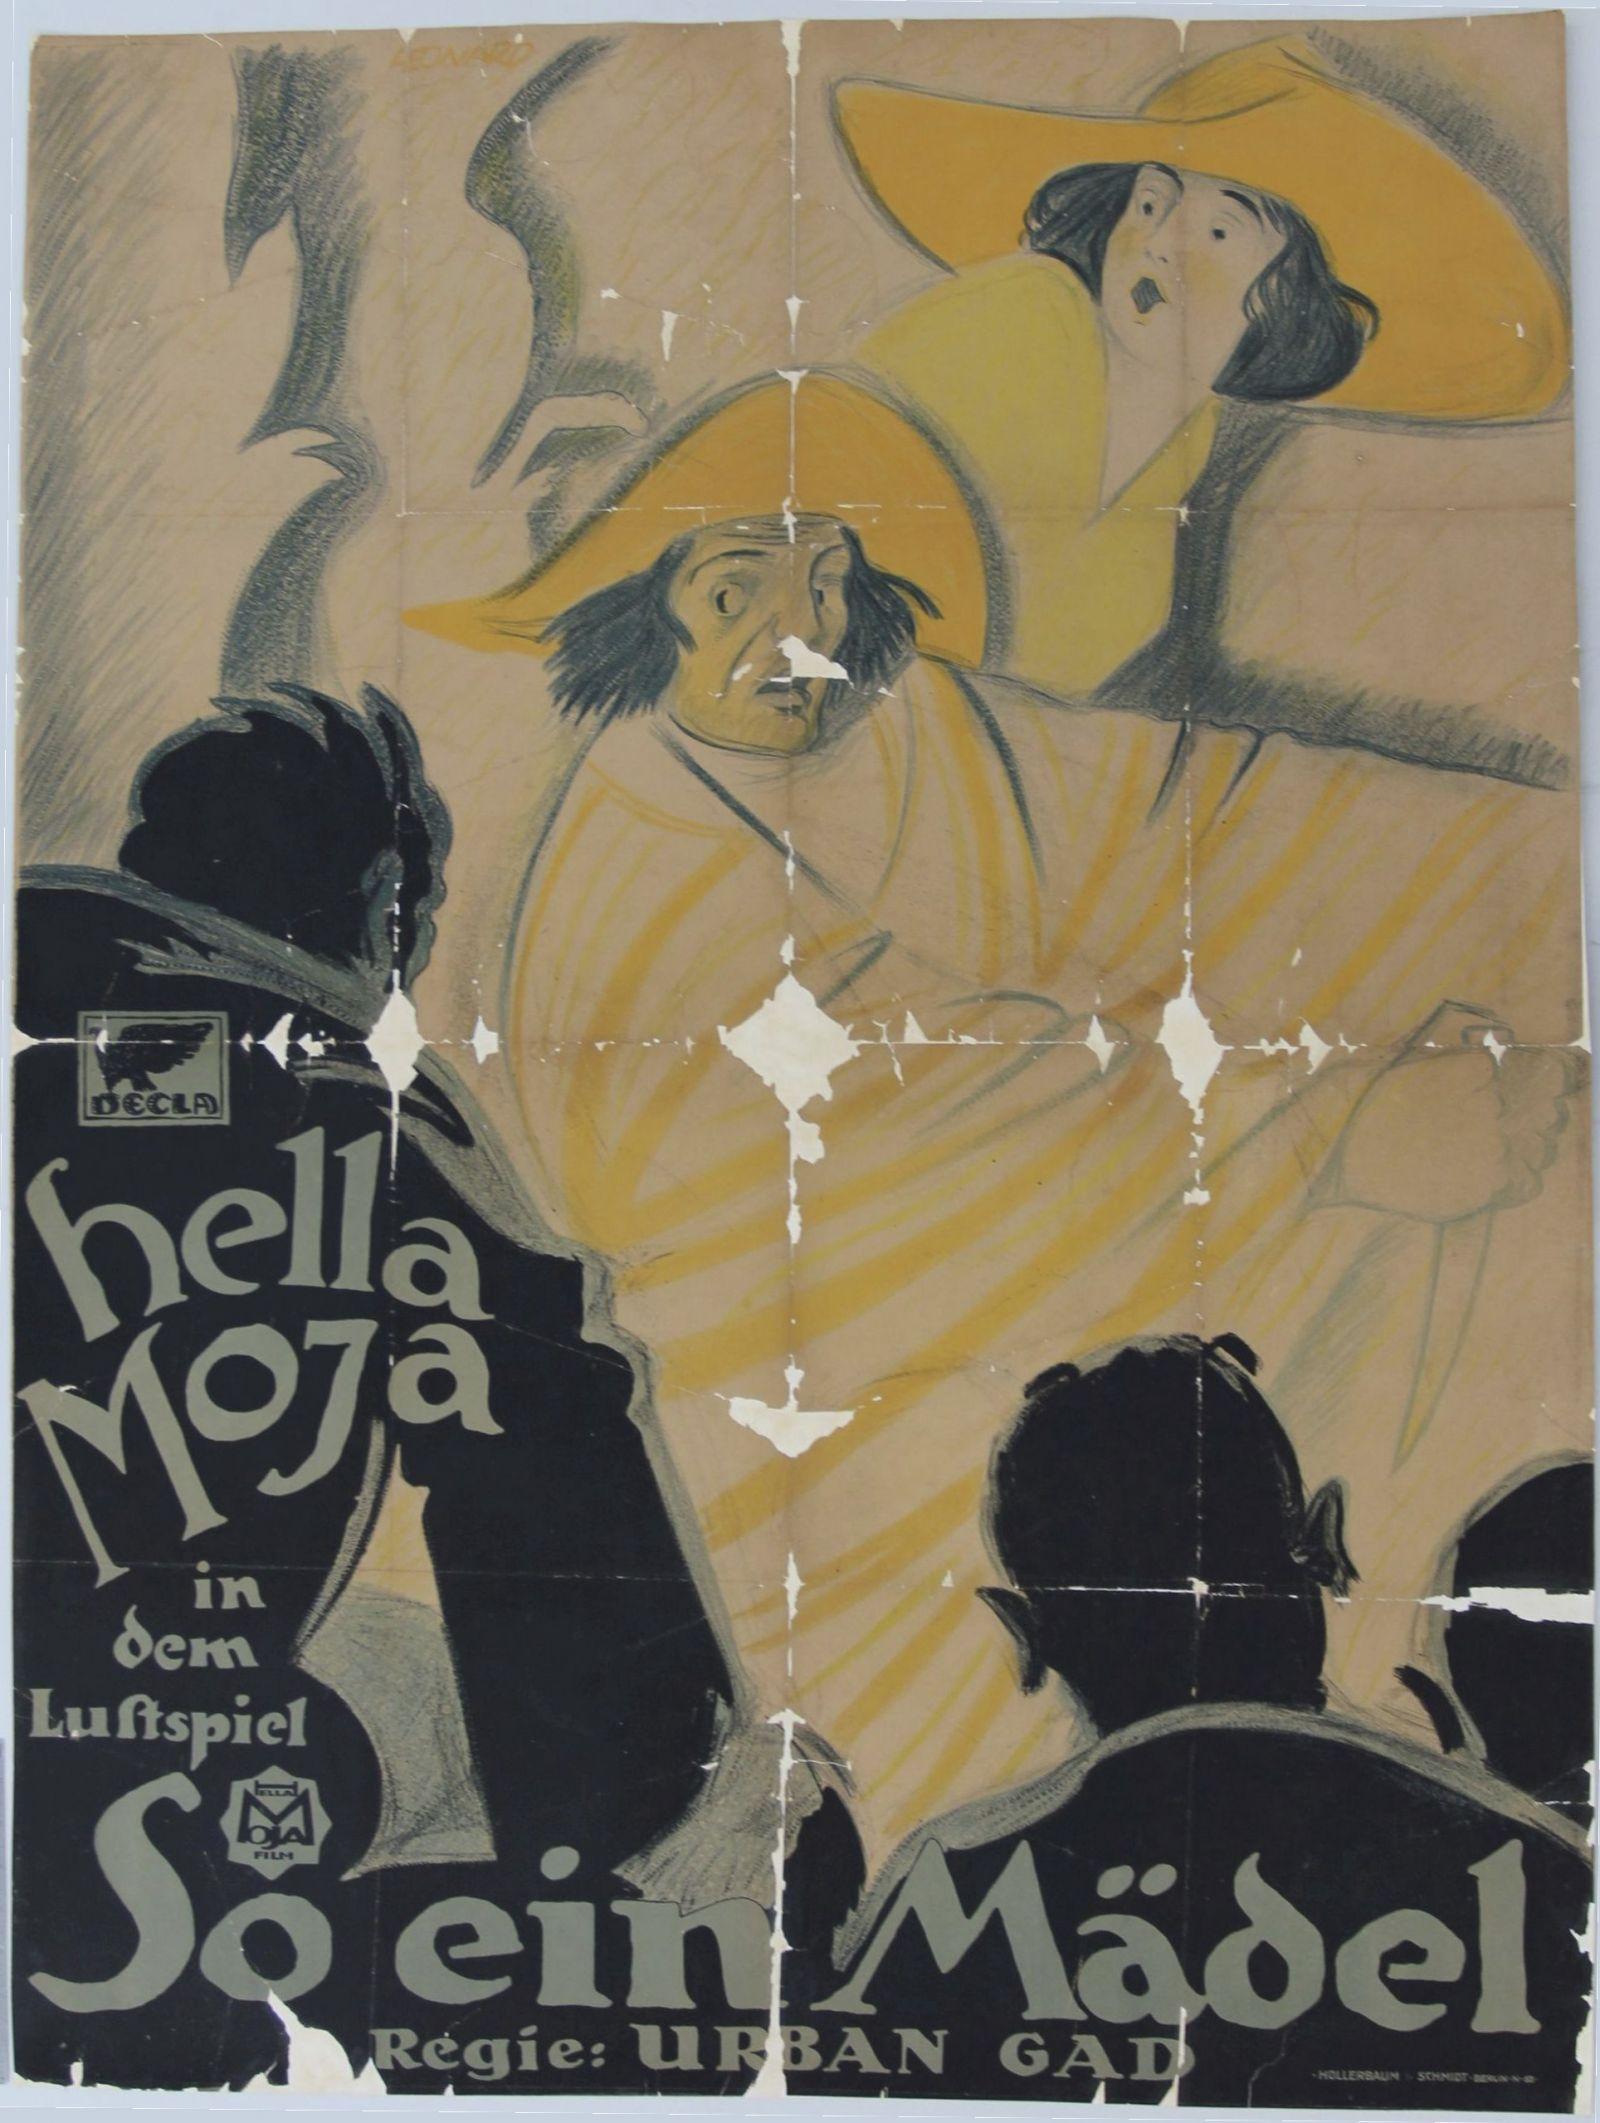 Plakat zum Film So ein Mädel nach der Restaurierung, zusammengesetzt